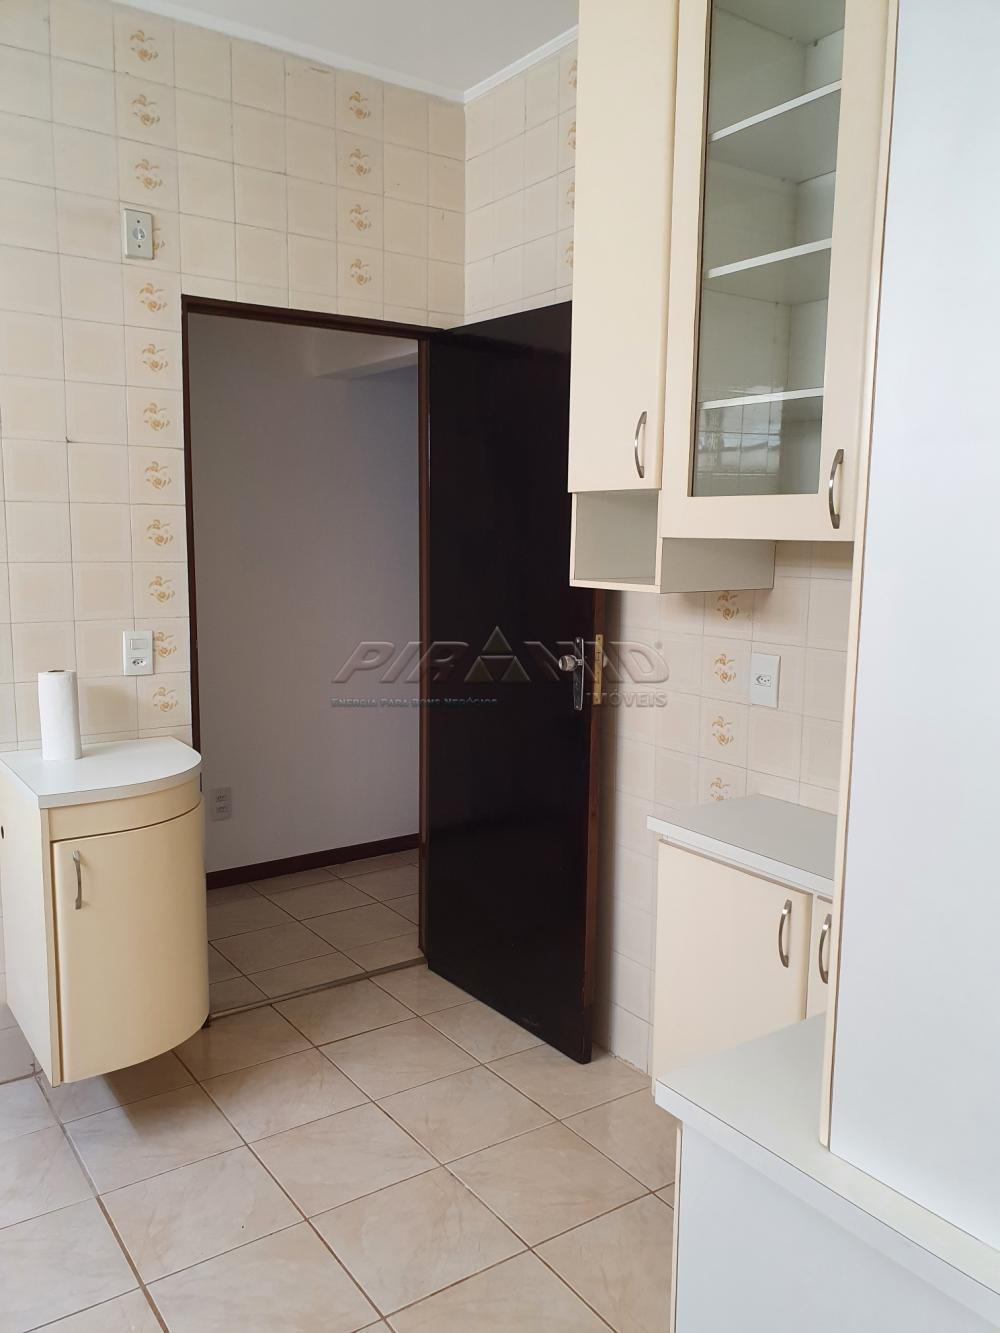 Comprar Apartamento / Padrão em Ribeirão Preto apenas R$ 260.000,00 - Foto 9